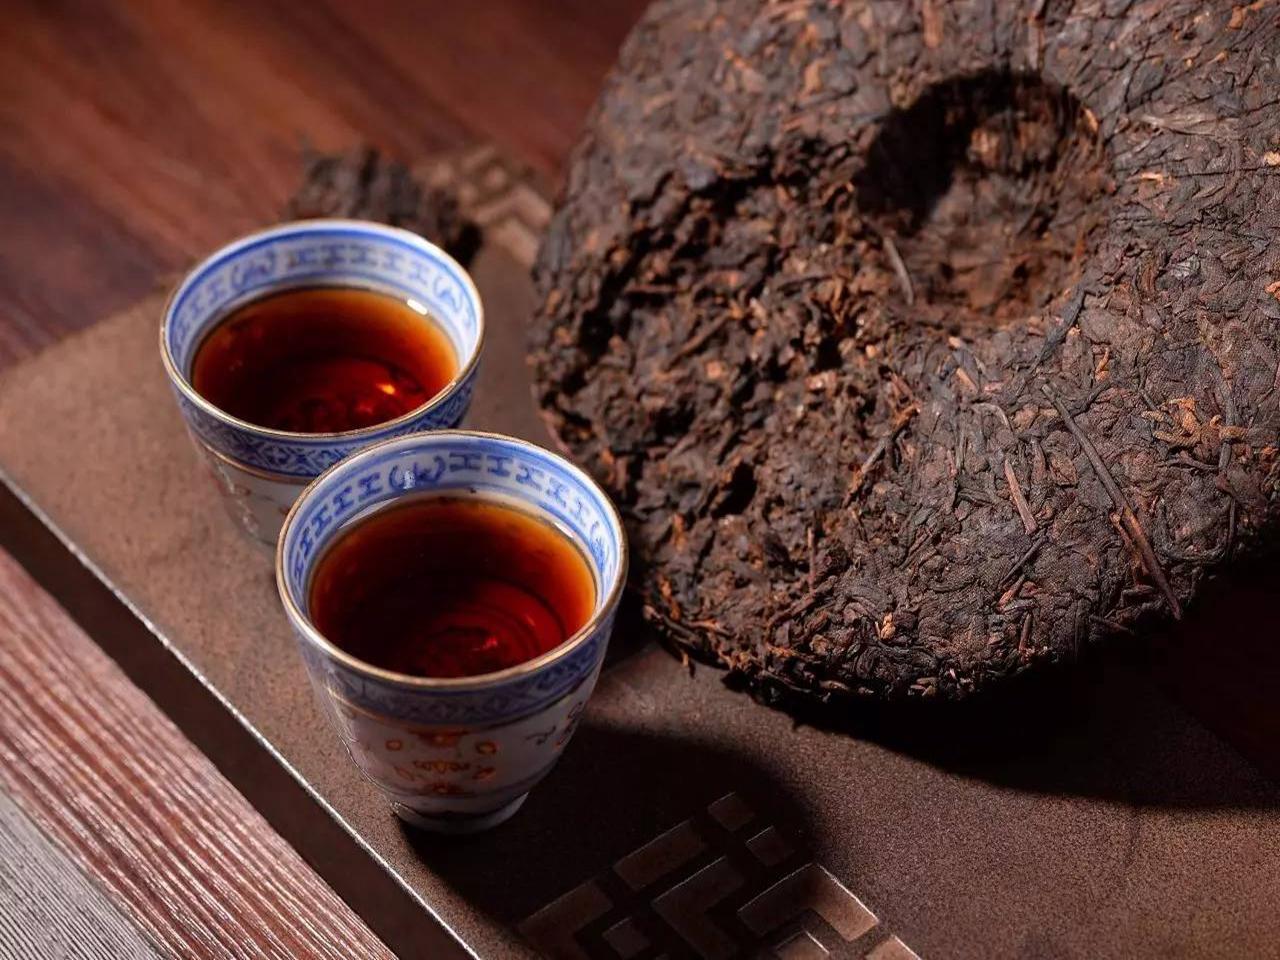 Как заваривать чай Пуэр: приготовление чая Пуэр его свойства и зависимость от категории чайного листа